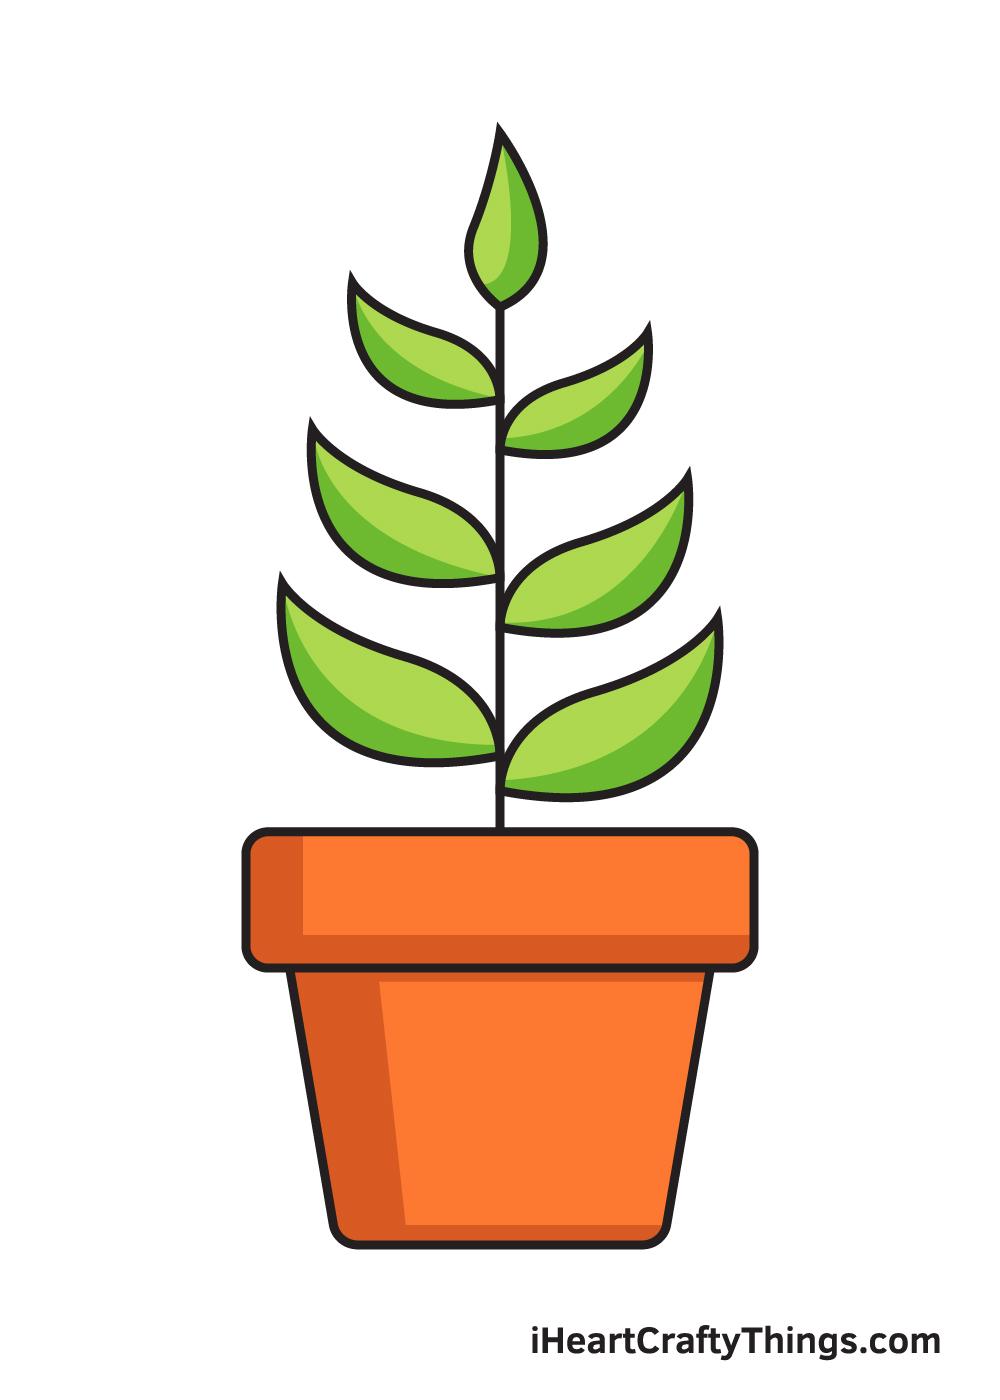 Vẽ thực vật - 9 bước